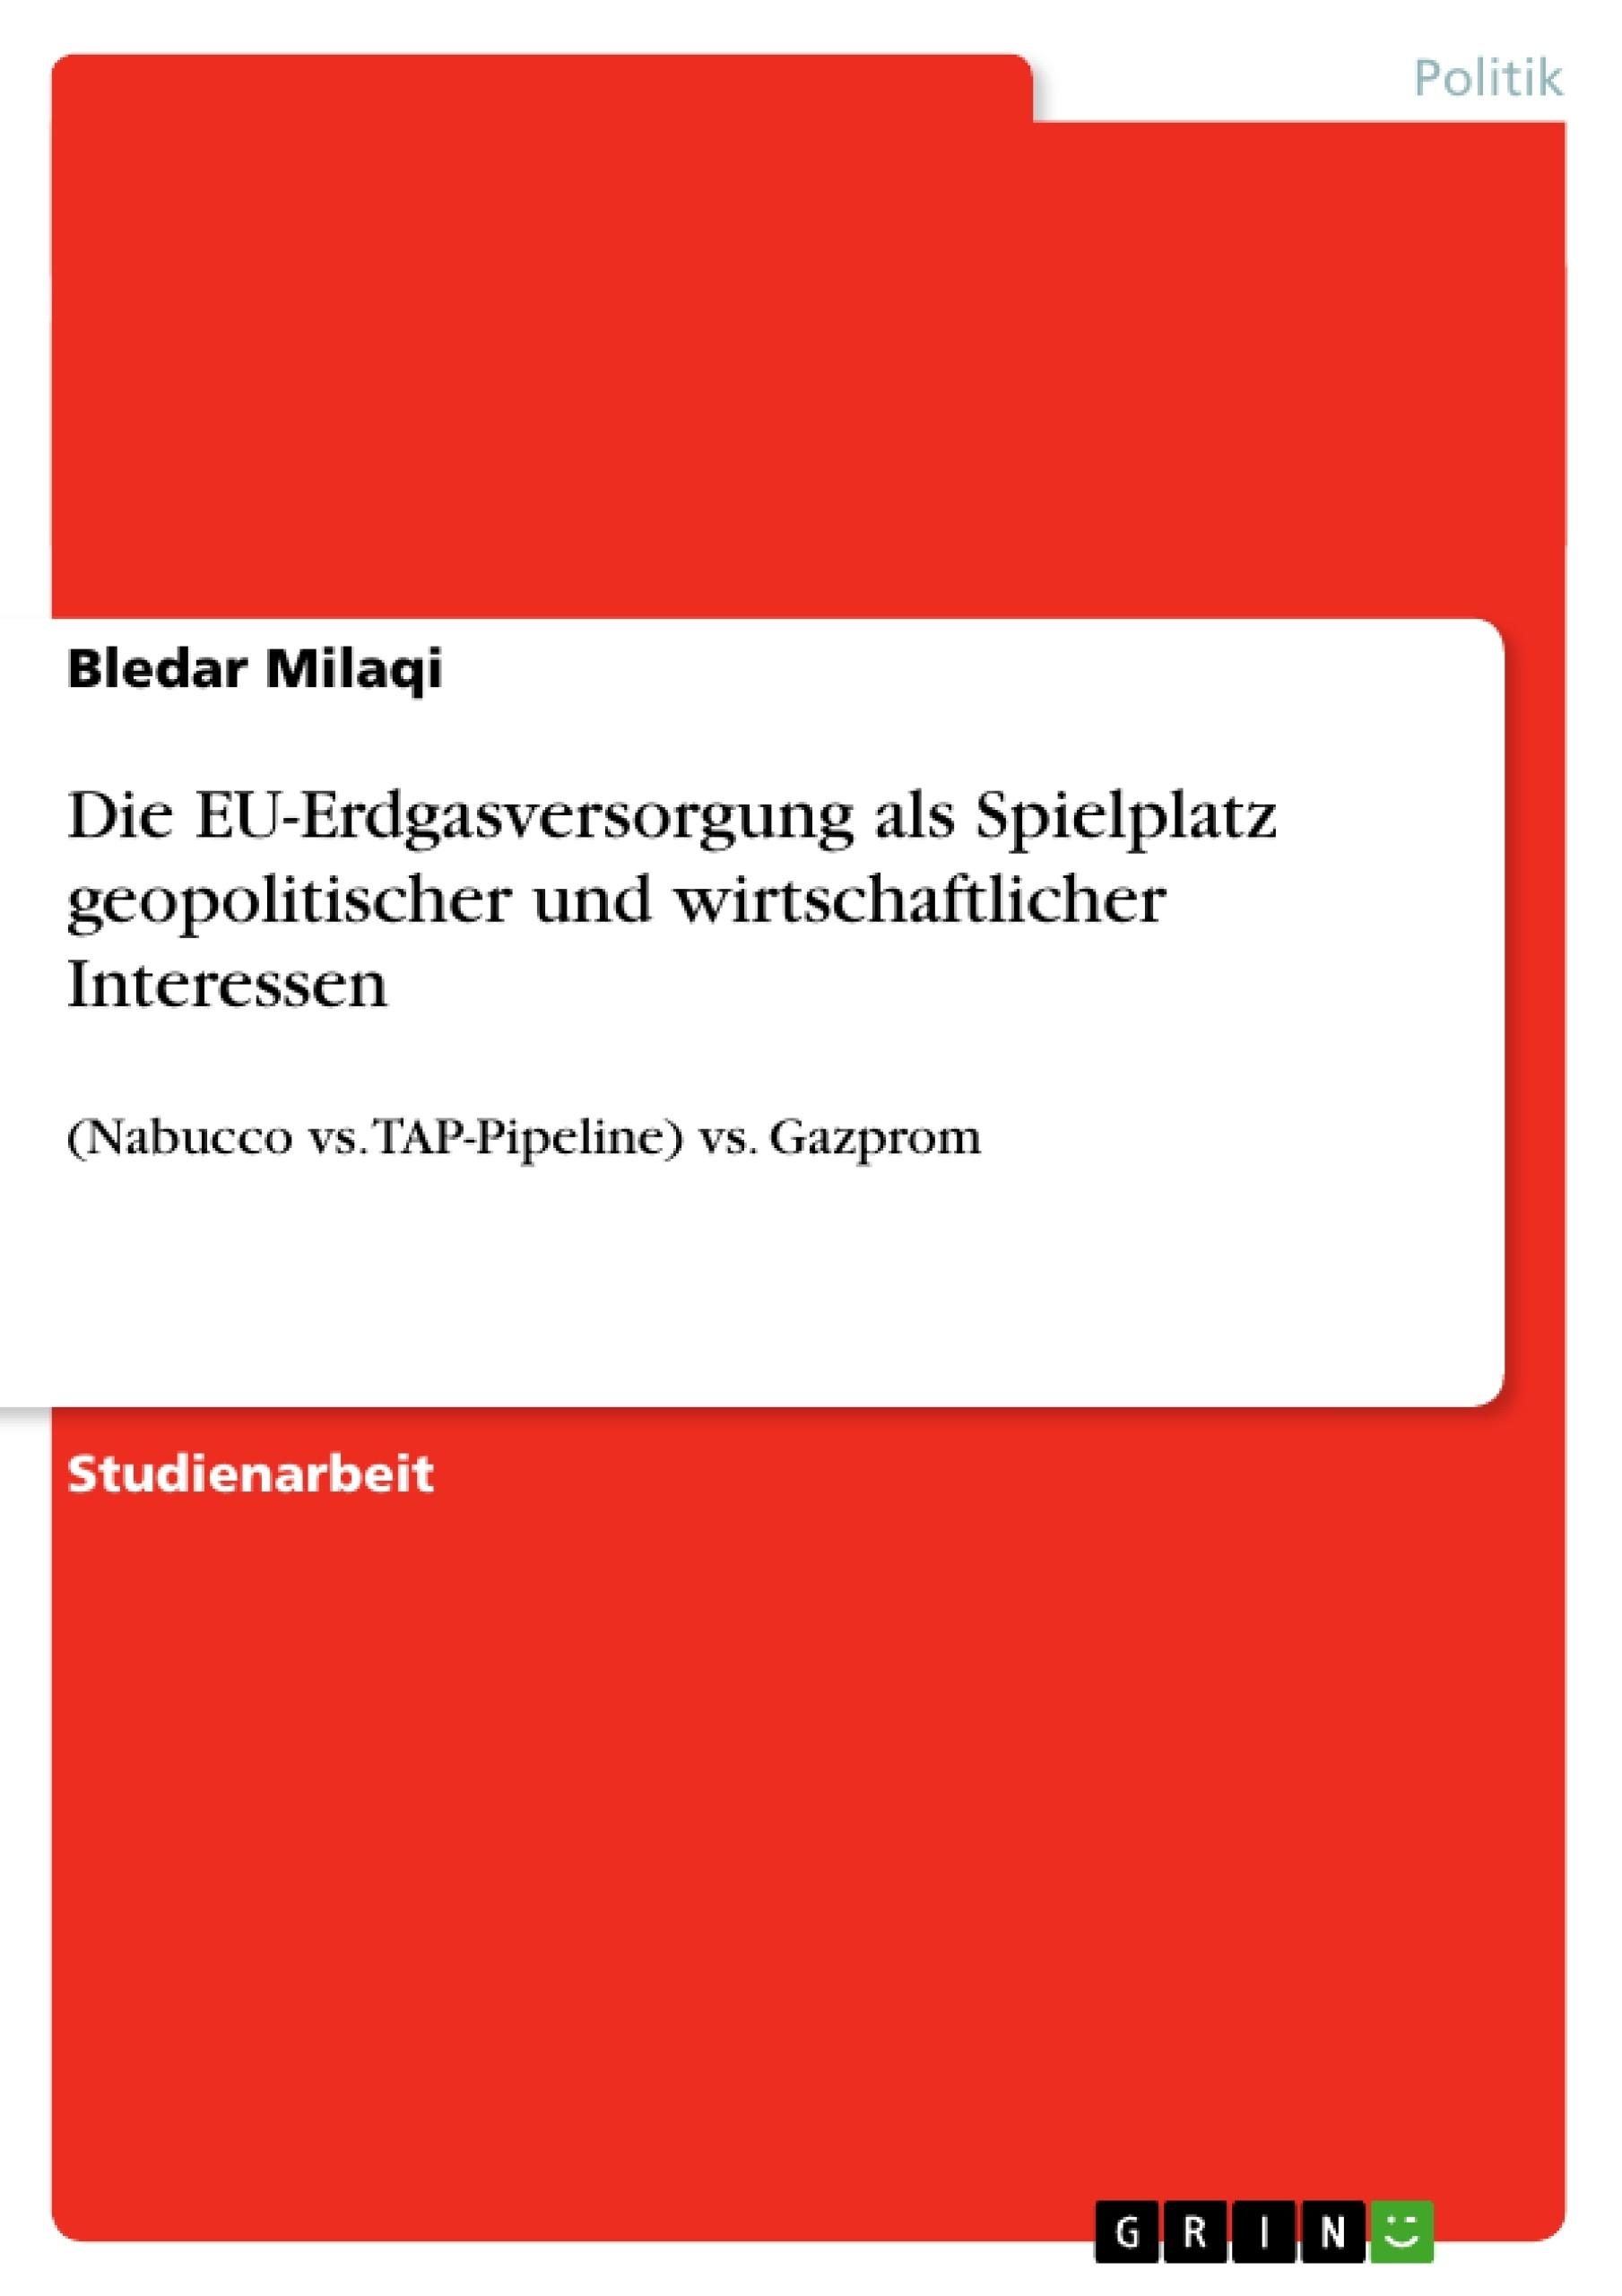 Titel: Die EU-Erdgasversorgung als Spielplatz geopolitischer und wirtschaftlicher Interessen